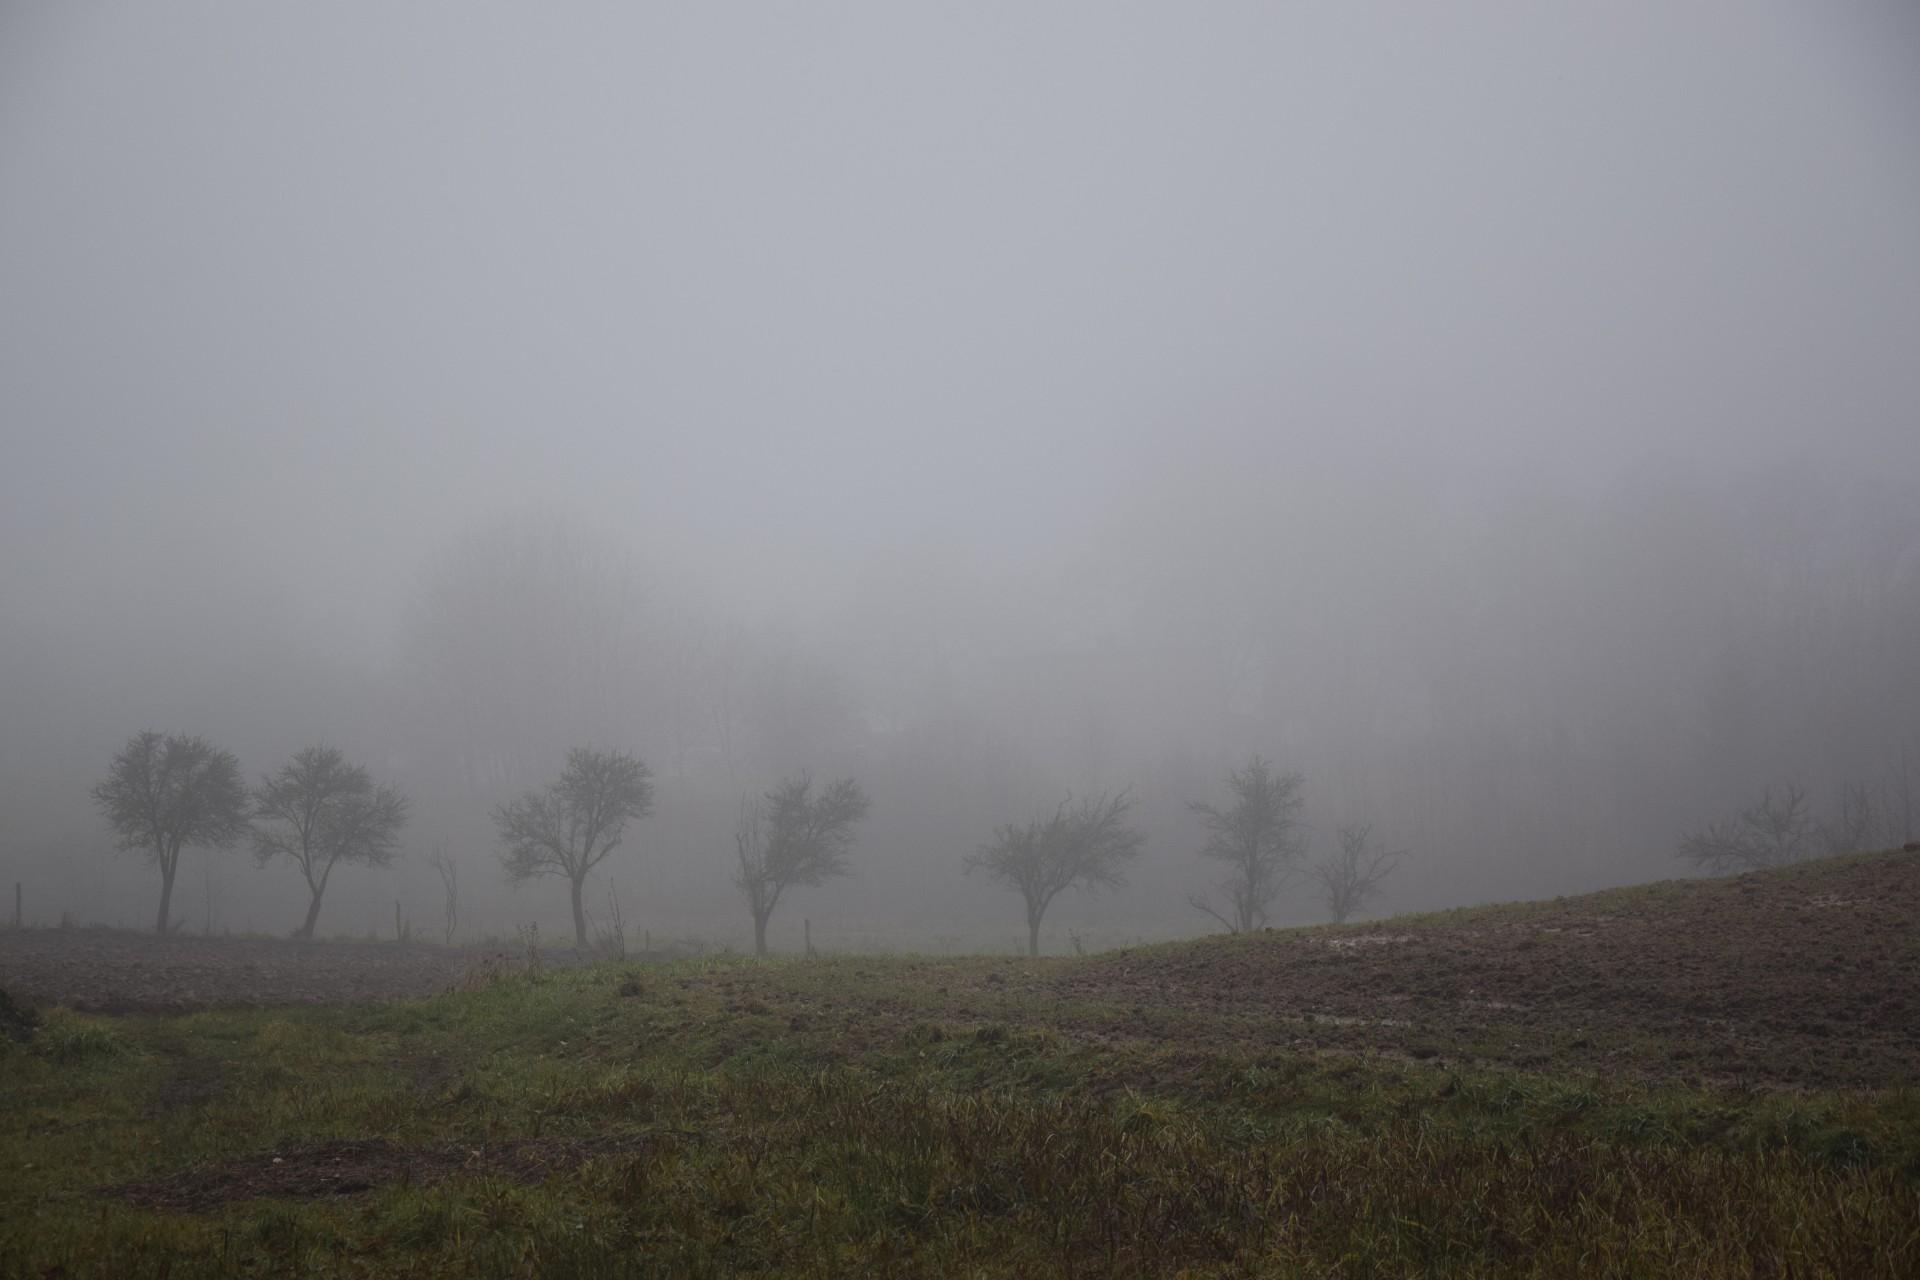 Okolice Chochowatki. Gdzieś tam w dali - jez. Rekowo. Fot. Tomasz Słomczyński/Magazyn Kaszuby